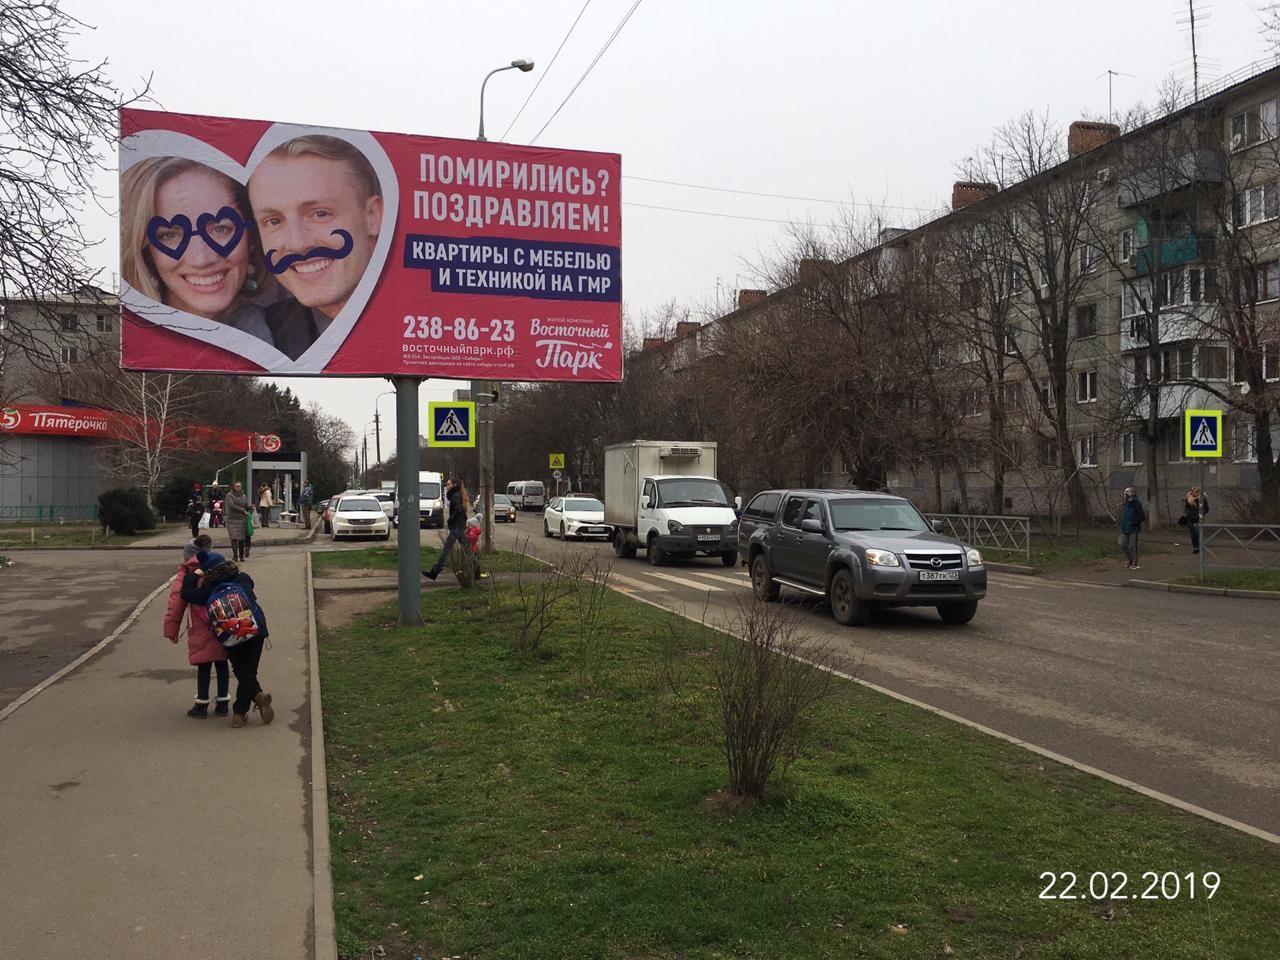 Рекламная кампания «Развелся/развелась? Поздравляем!» ©Фото Юга.ру